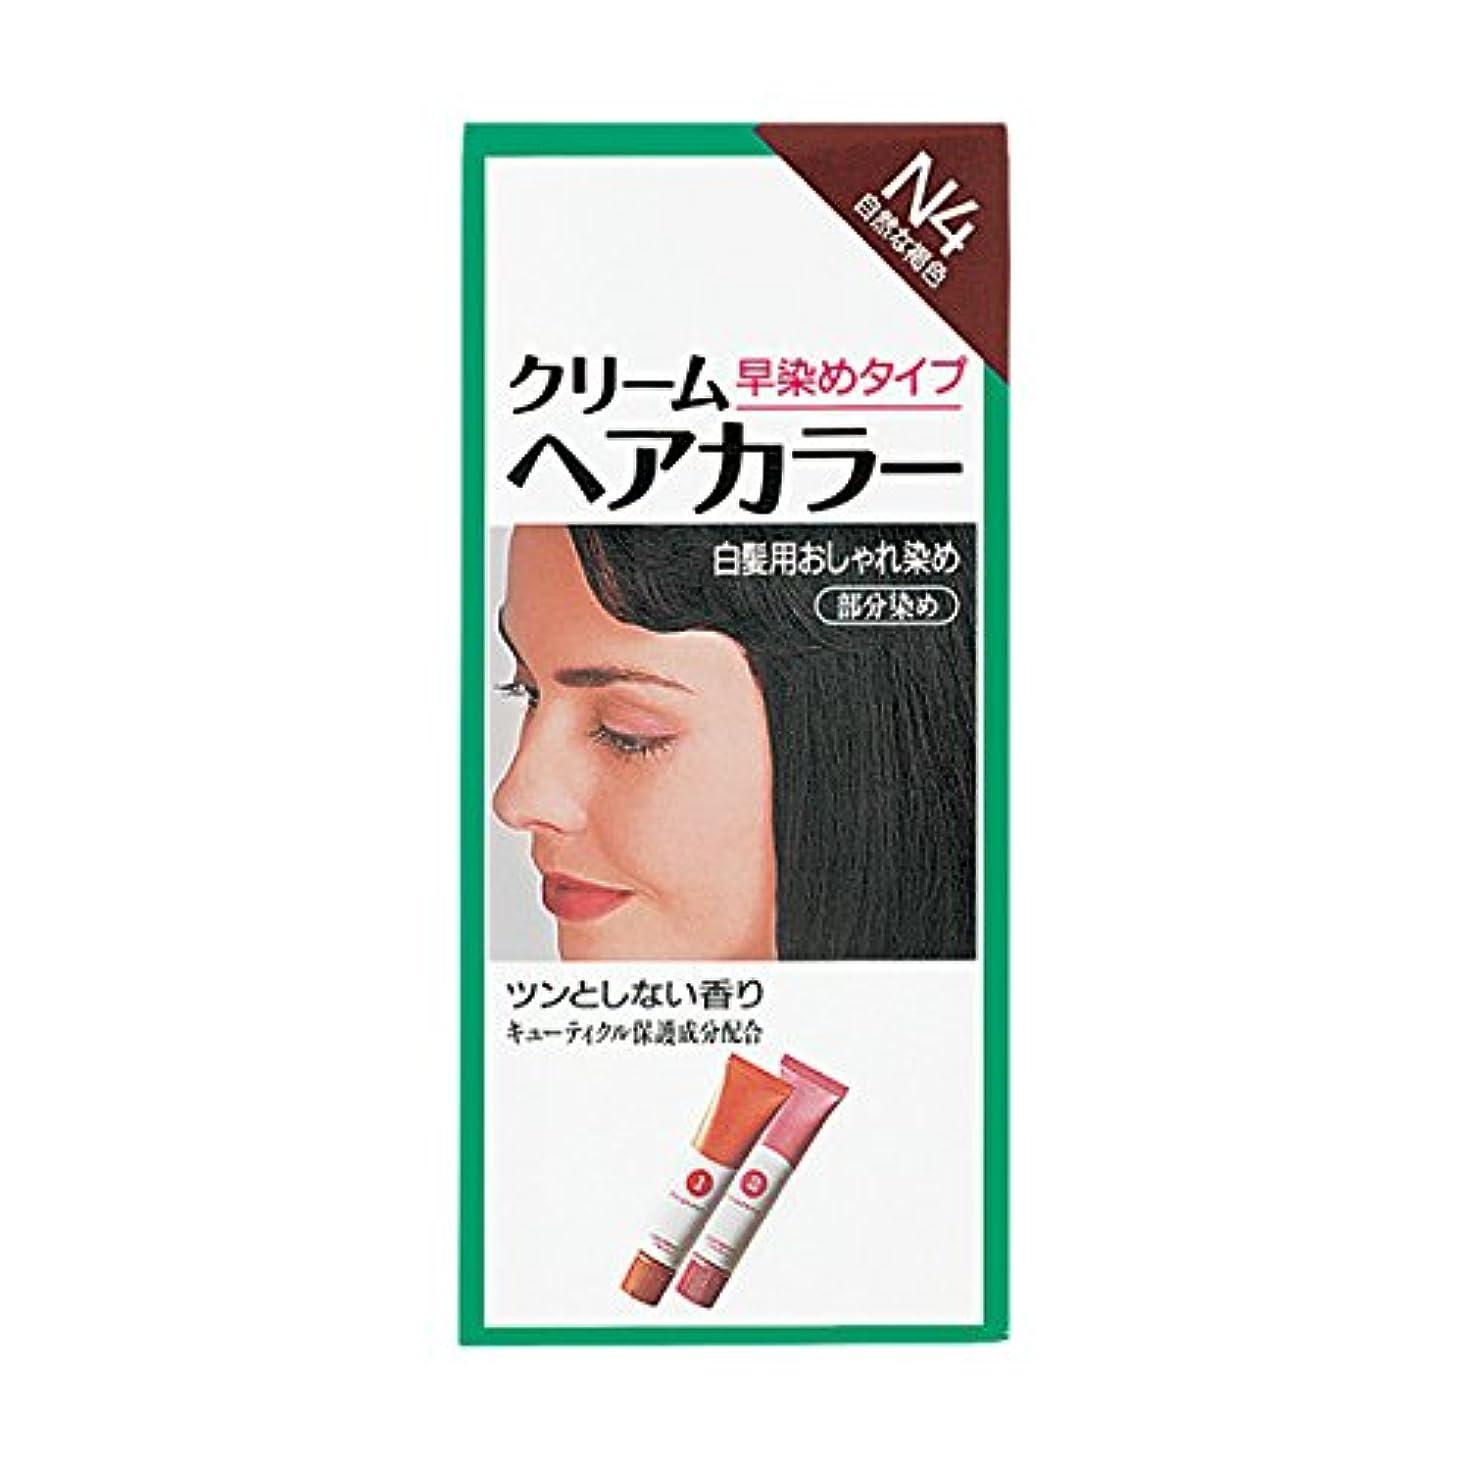 水素スプレーぼかしヘアカラー クリームヘアカラーN N4 【医薬部外品】